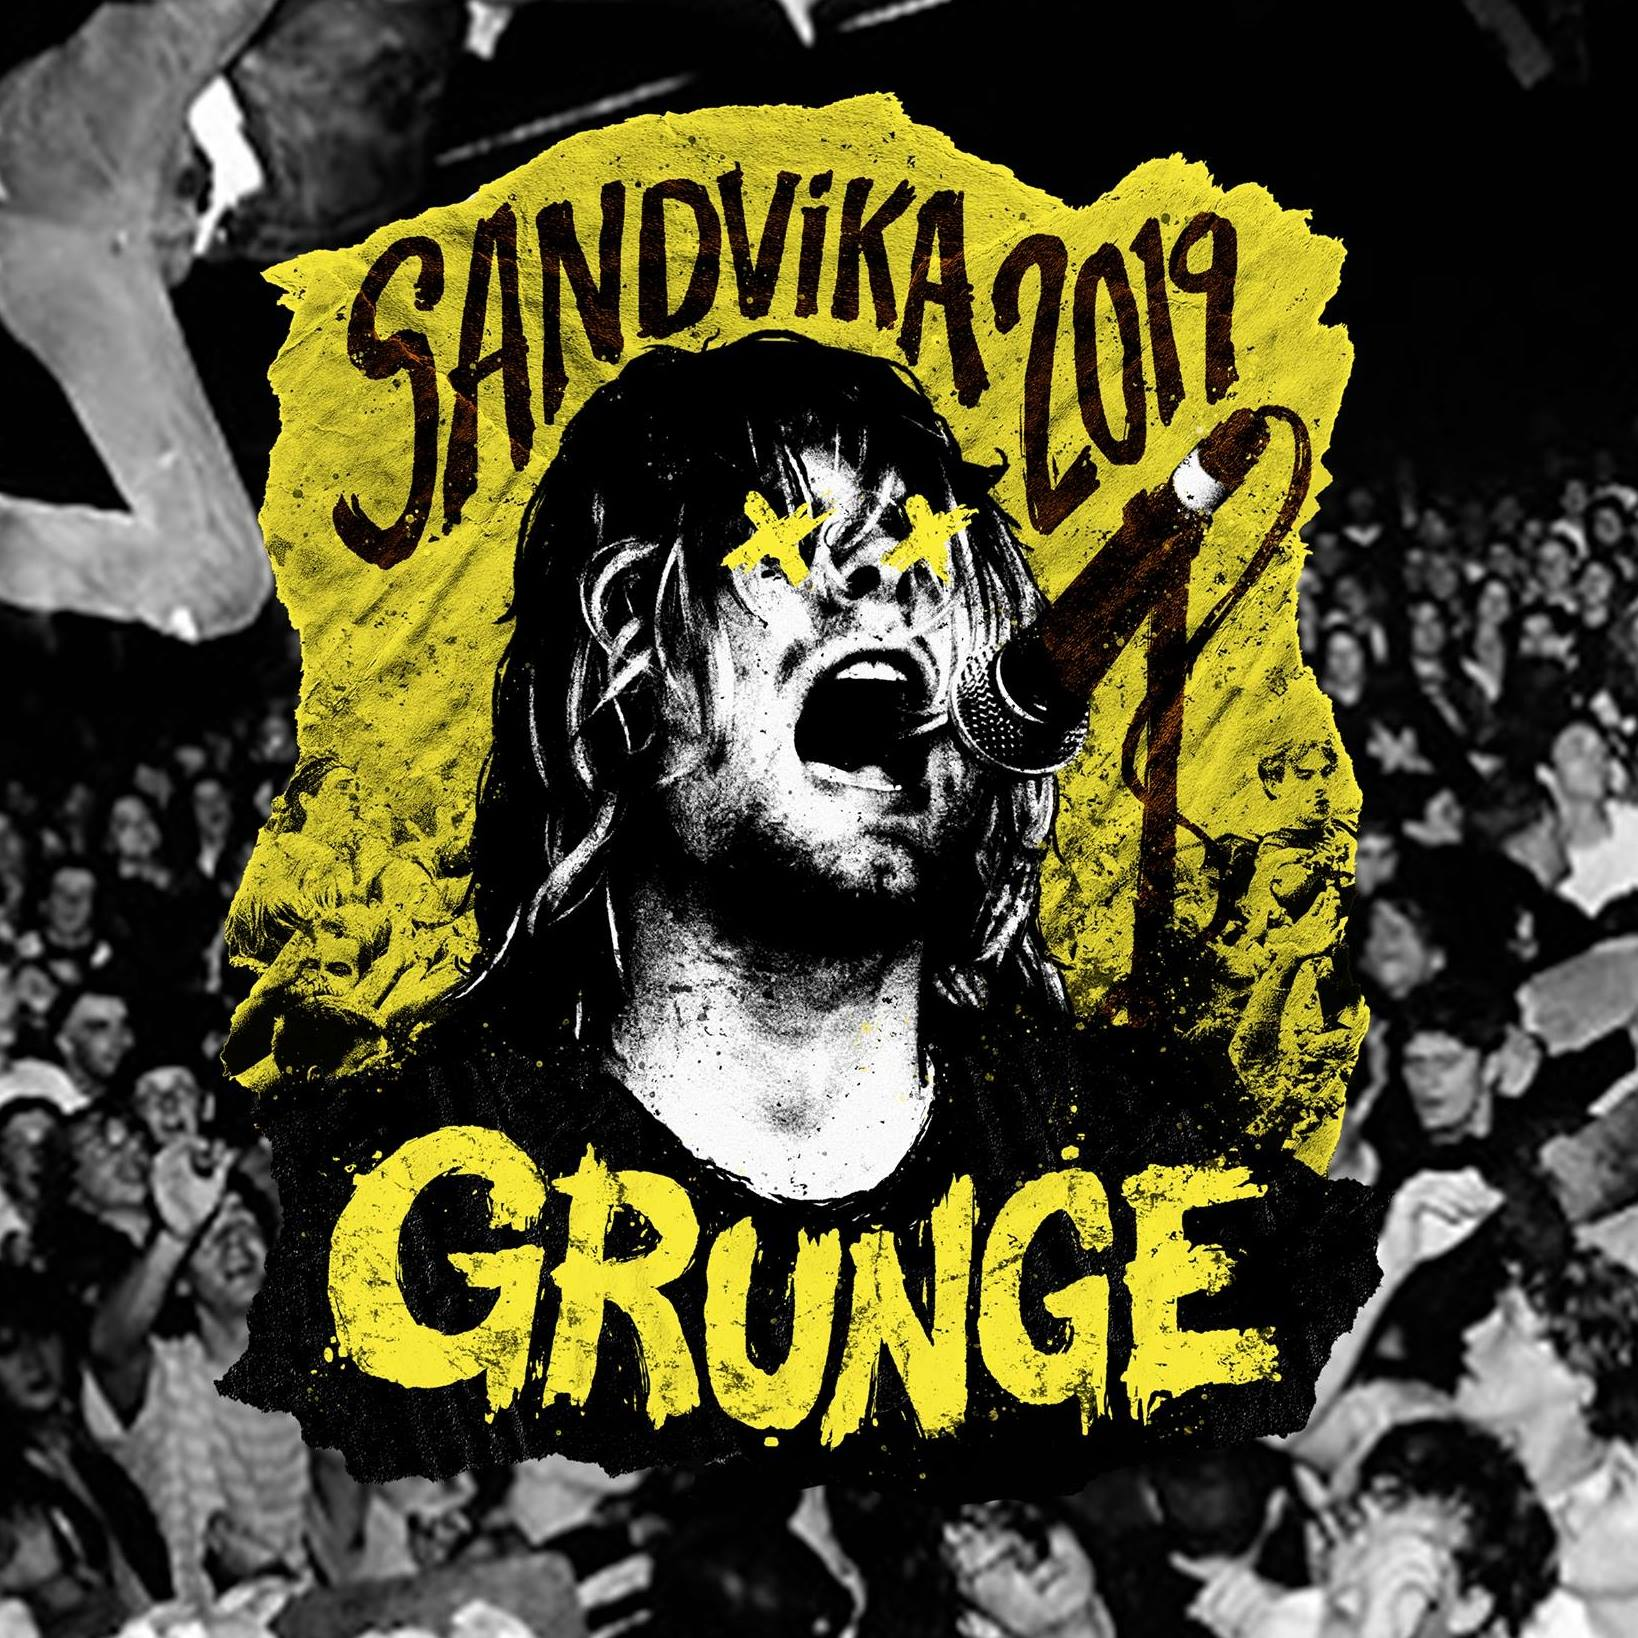 Grunge 2019 Sandvikarussen logo